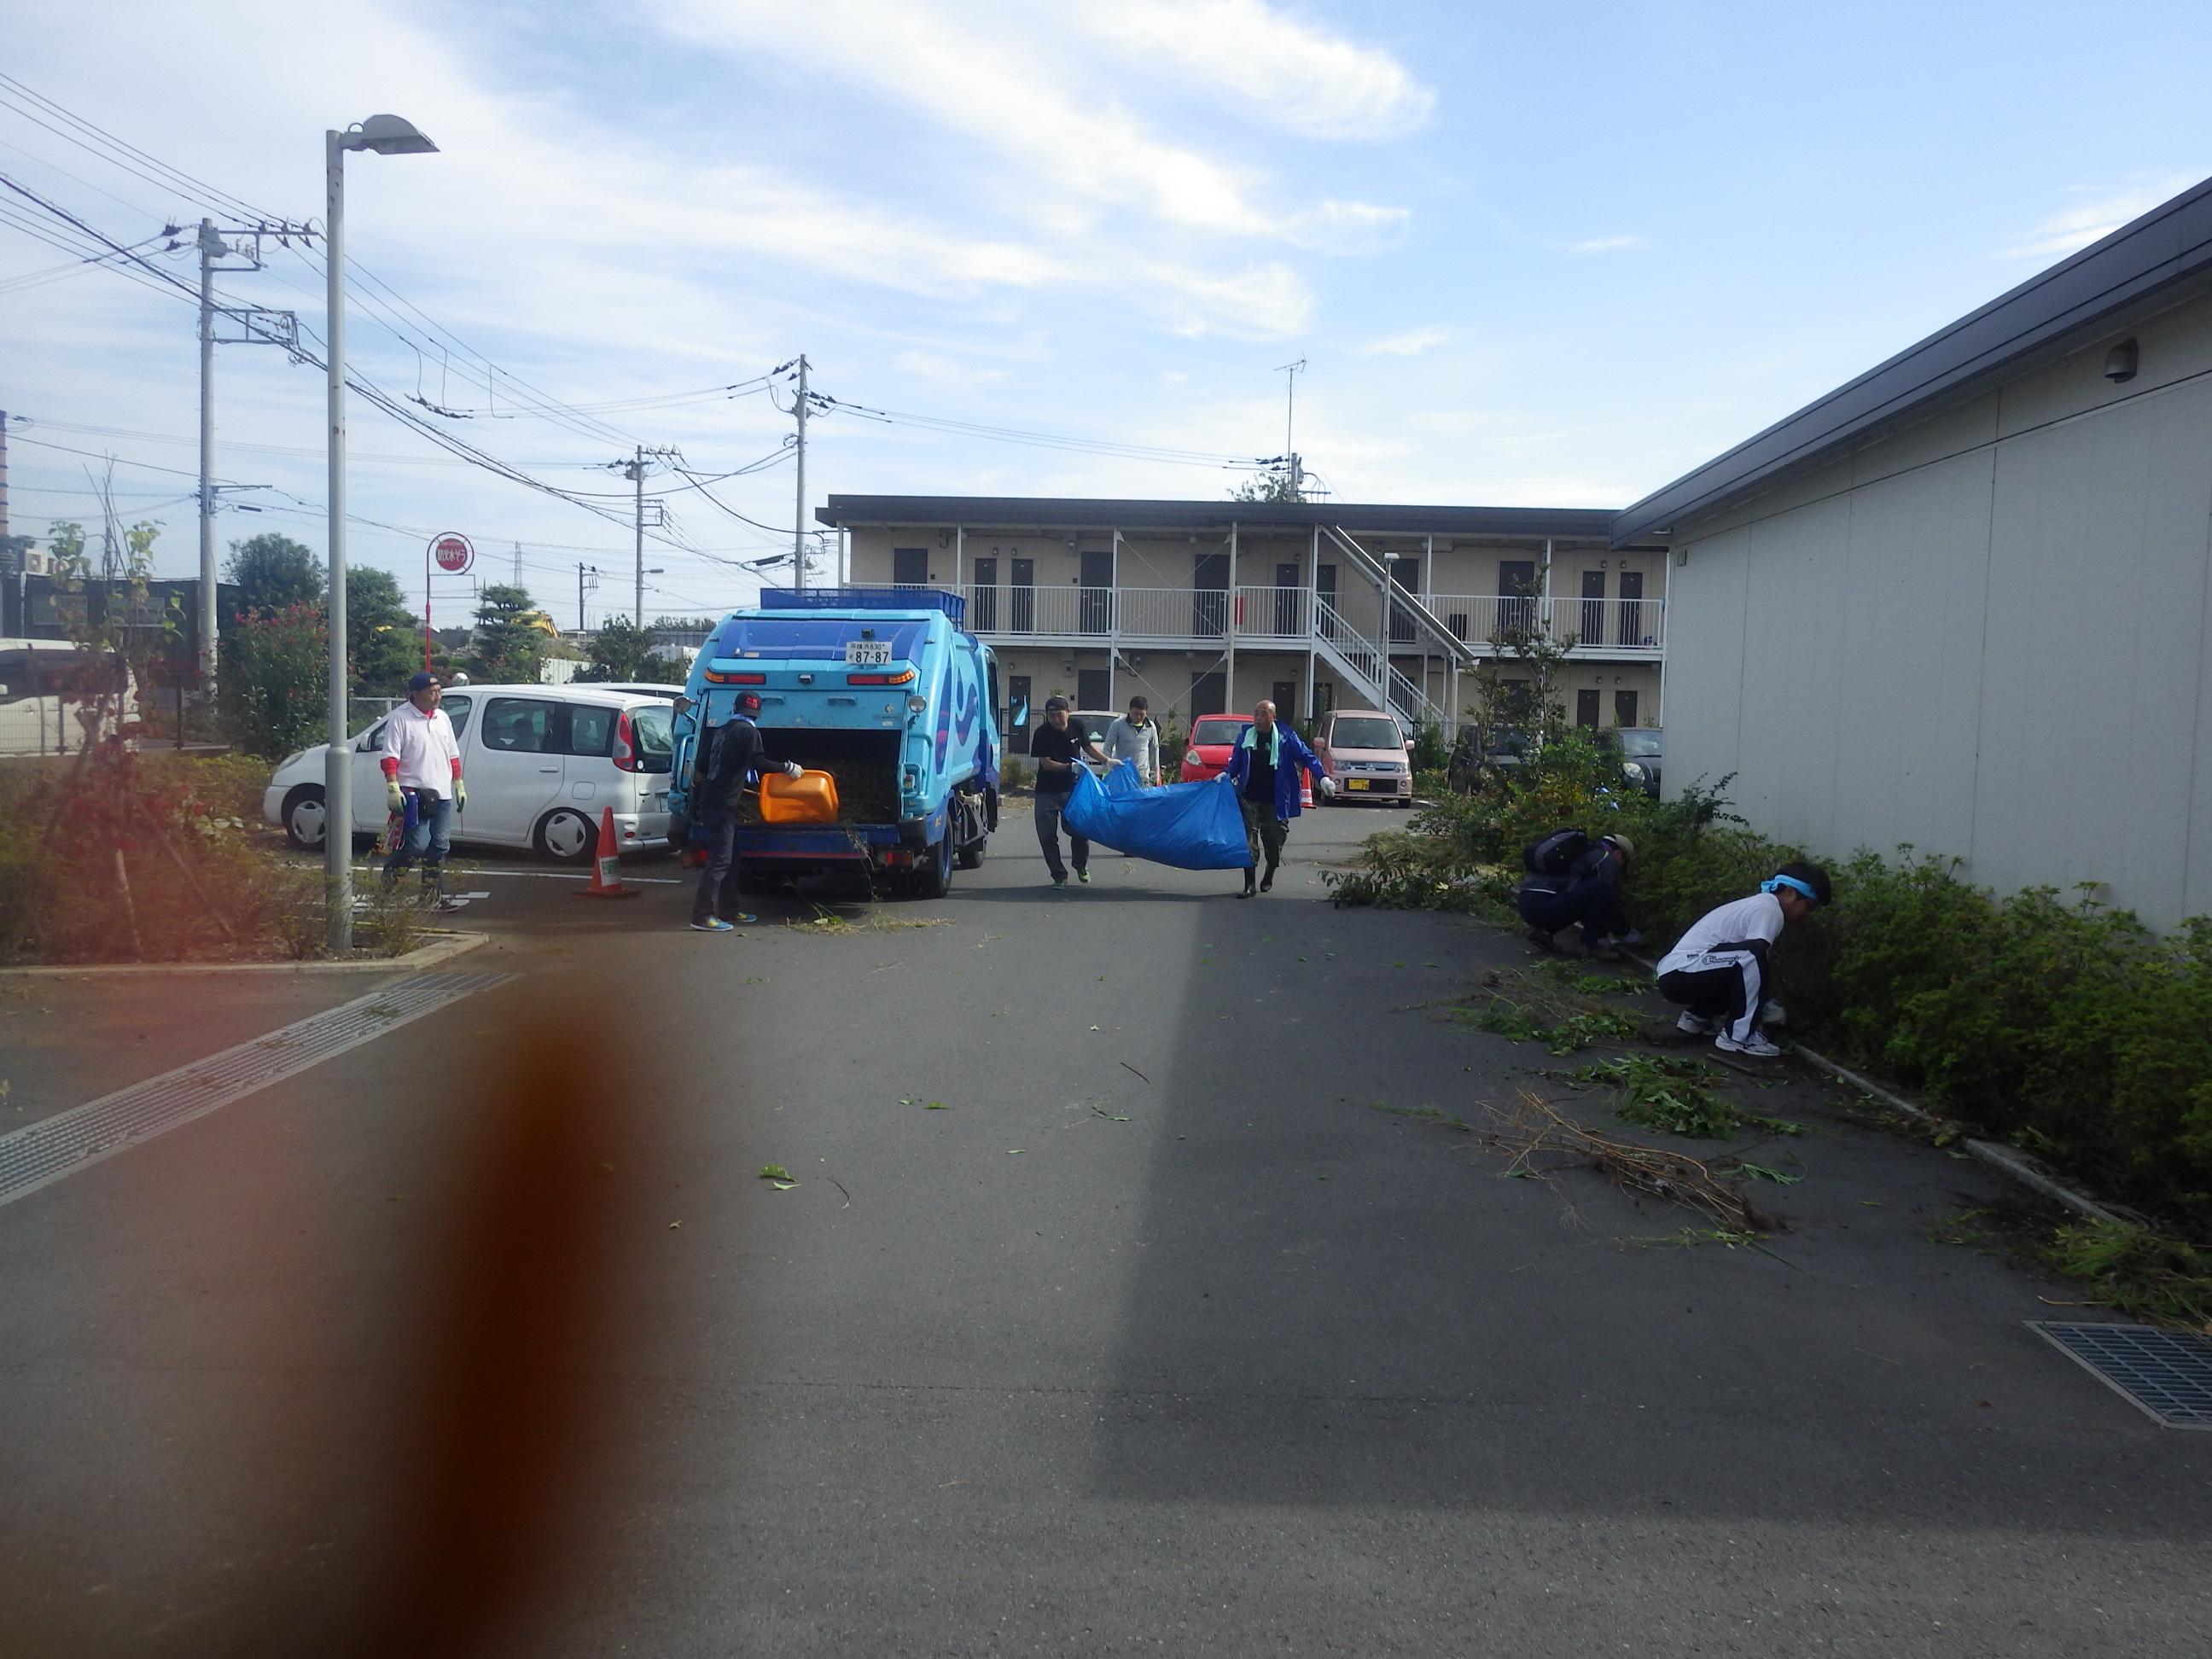 ボランティア・サポーターによるゴミ集め